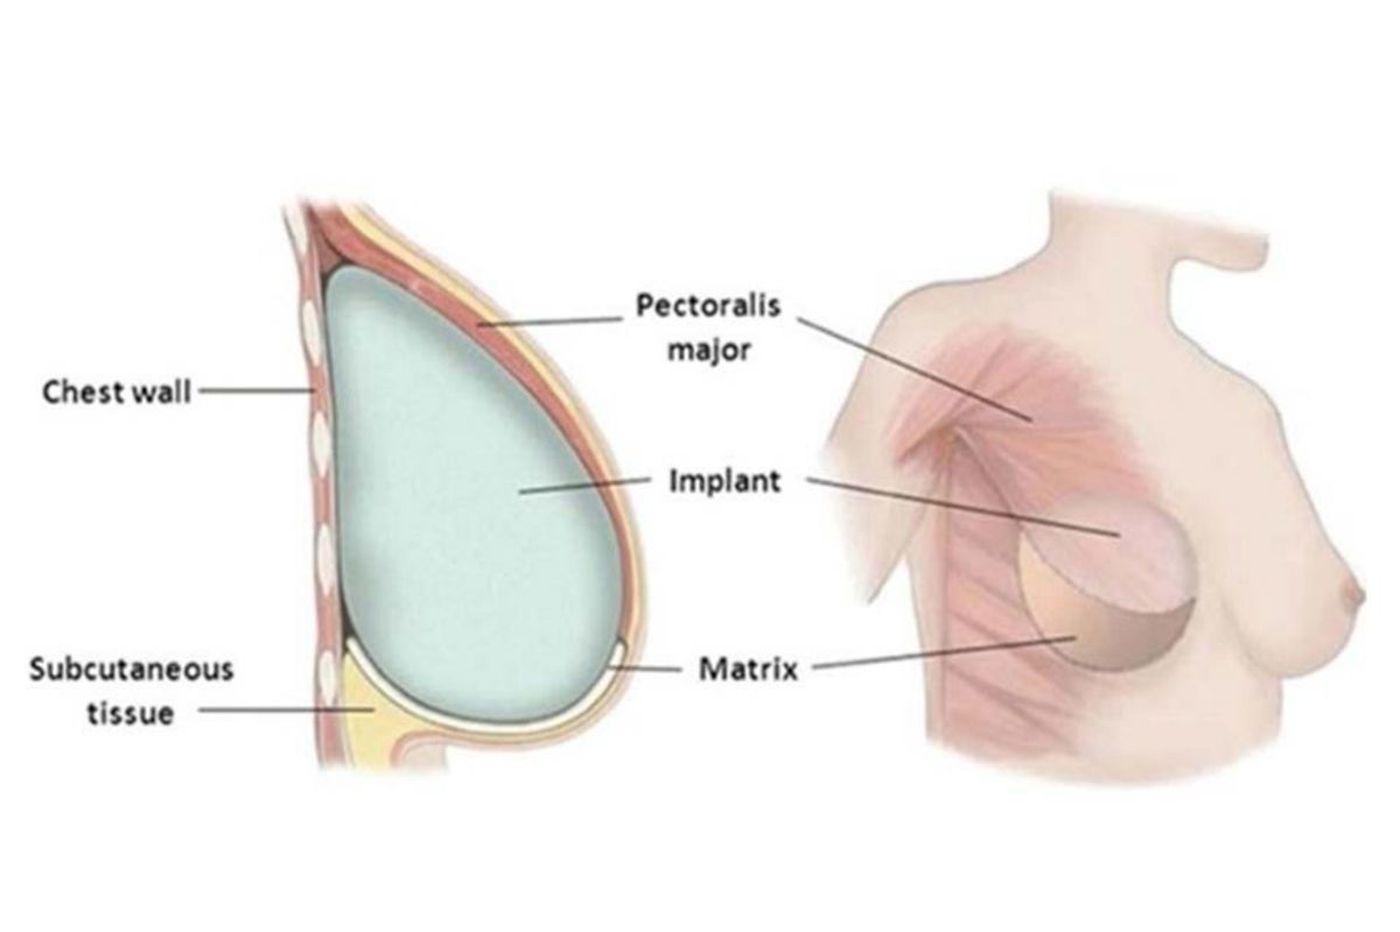 Lumpektomi dan Mastektomi, Mana yang Terbaik untuk Mengatasi Kanker Payudara? 2